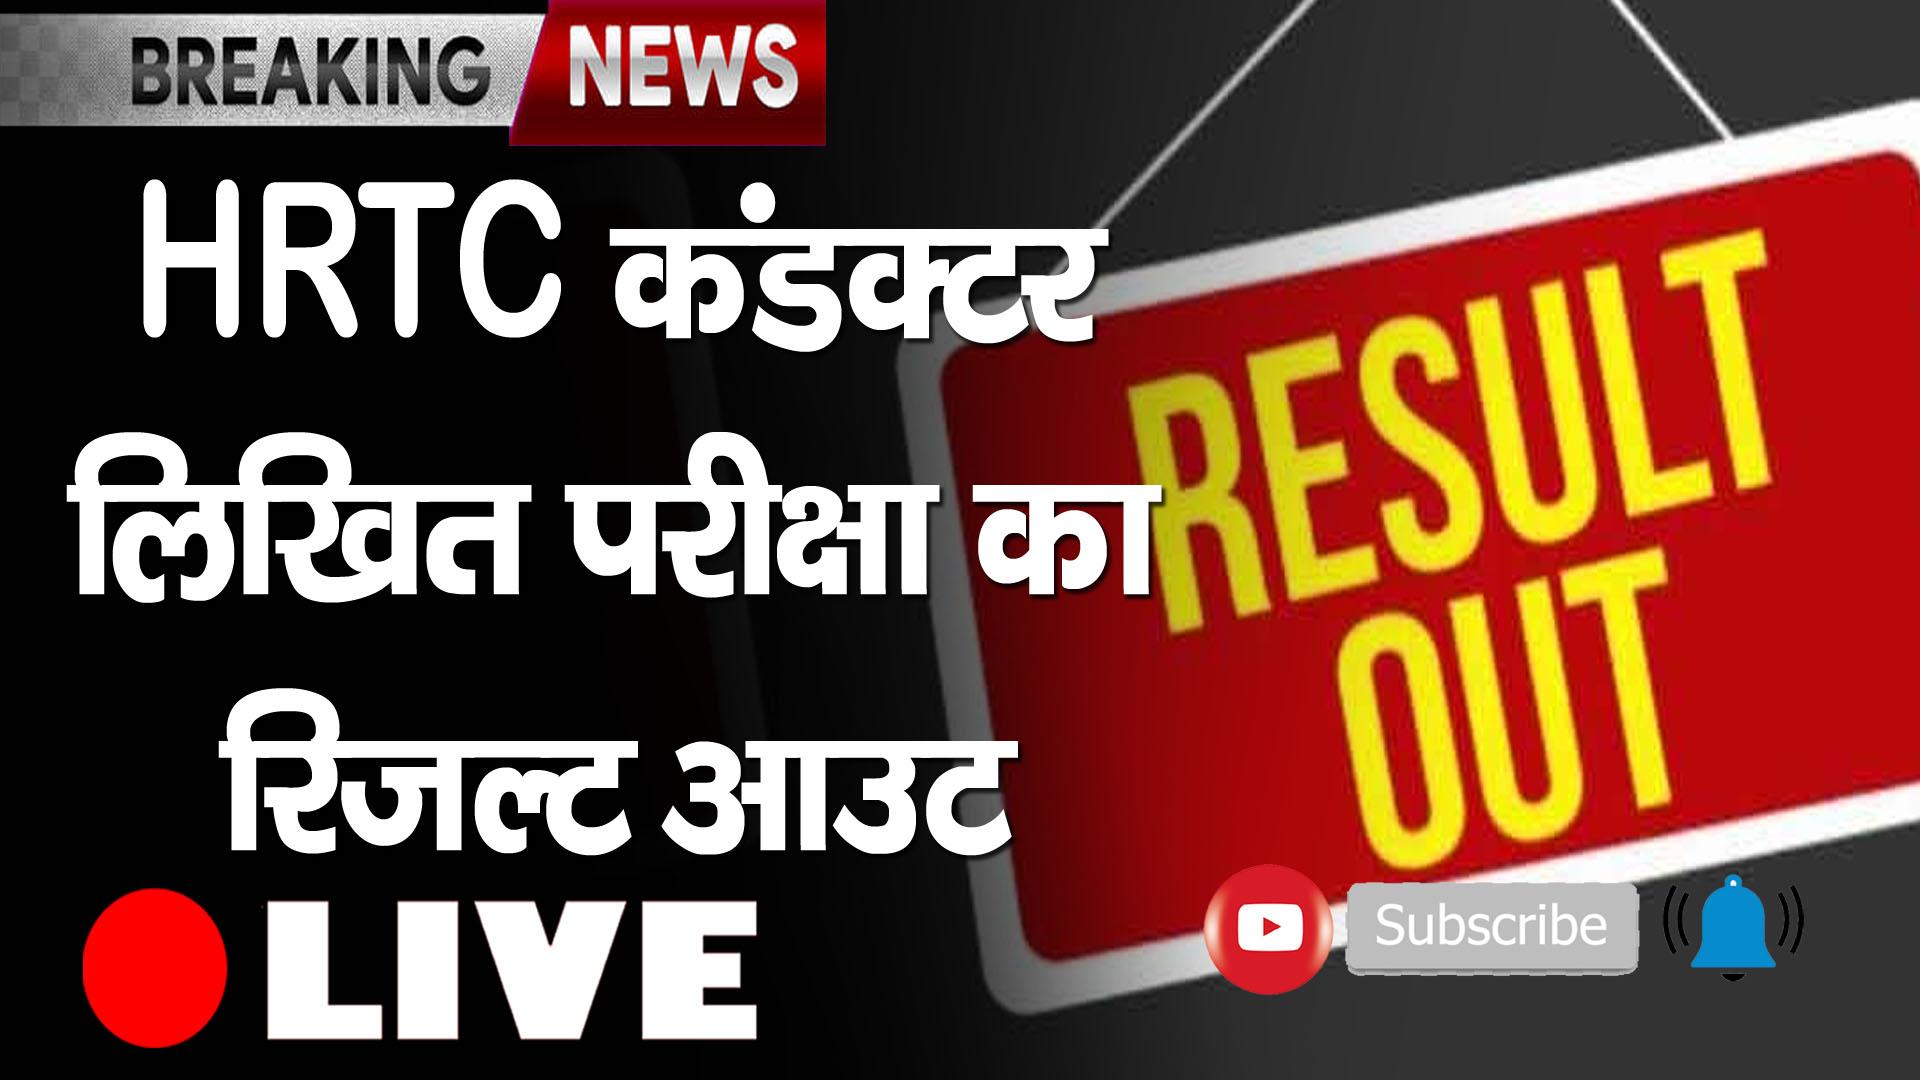 बिग ब्रेकिंगः HRTC कंडक्टर लिखित परीक्षा का रिजल्ट आउट